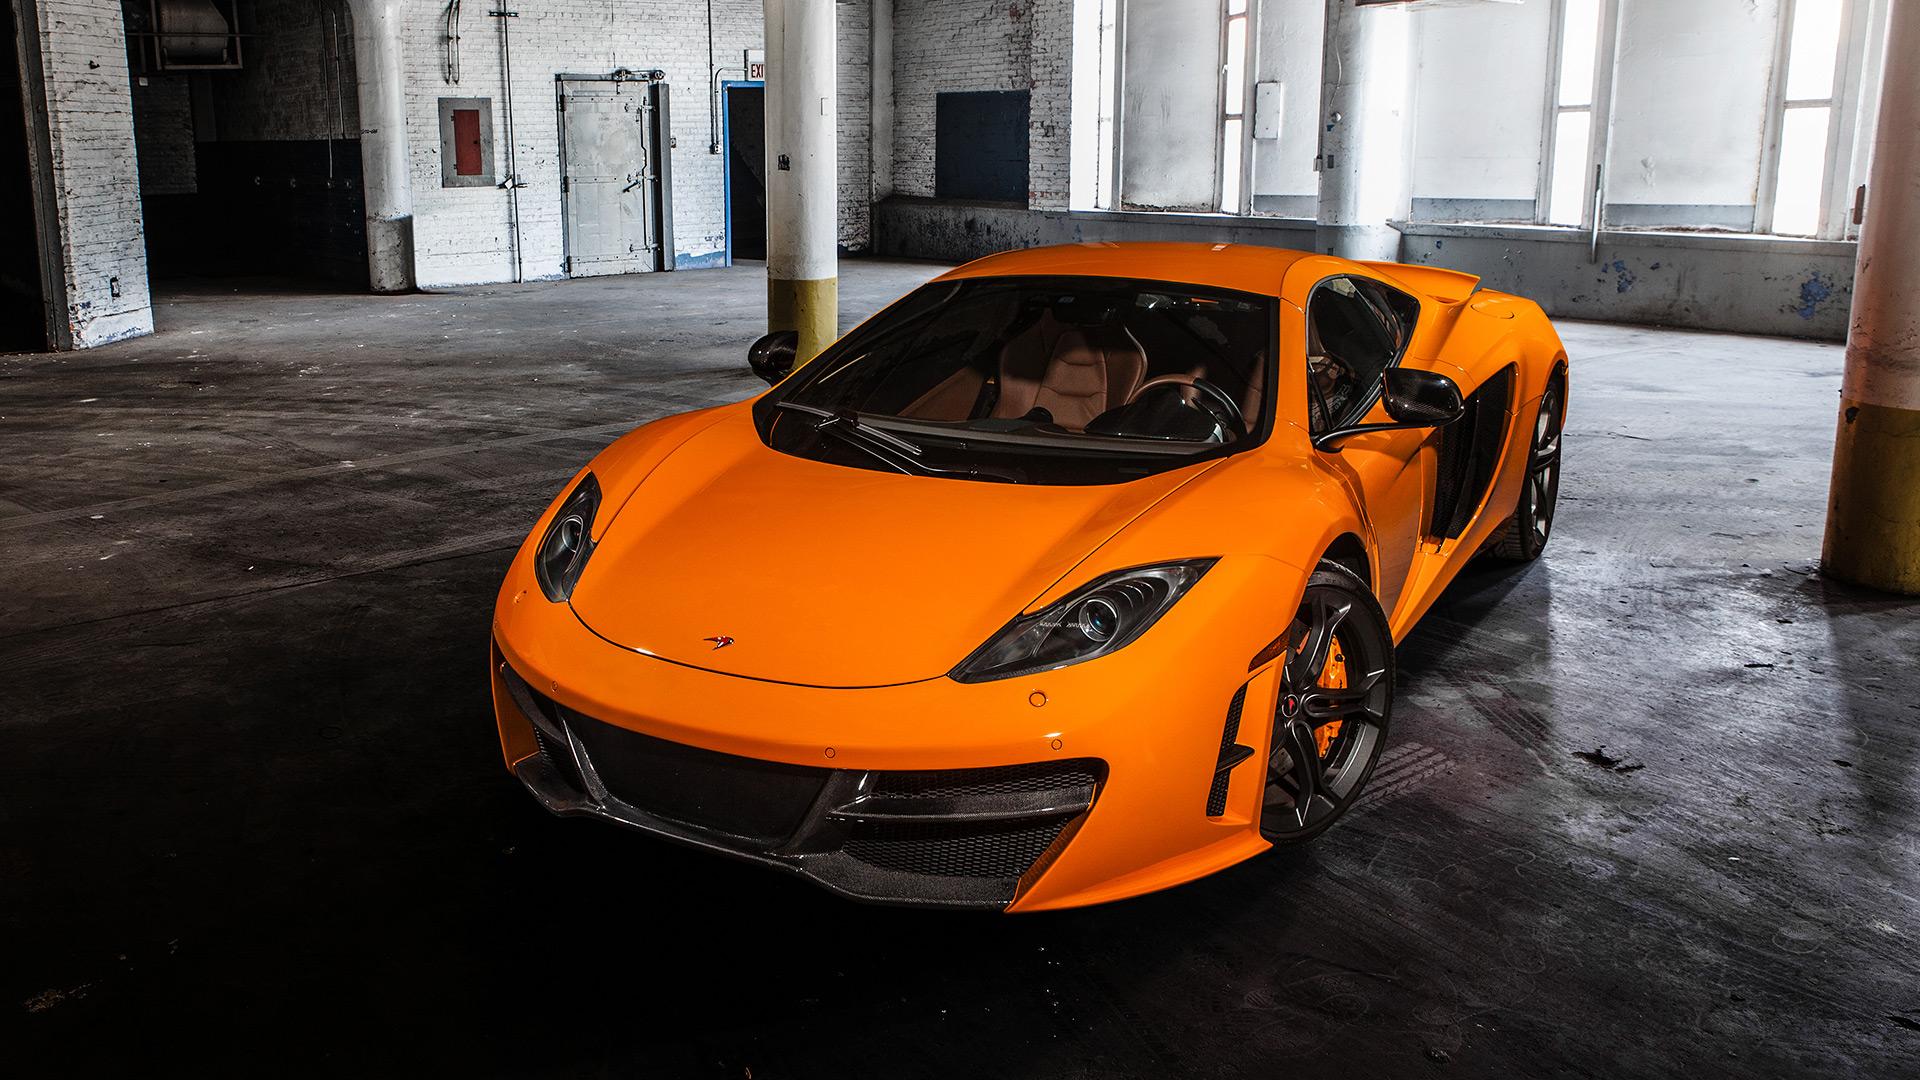 19-летний хакер приобрел McLaren за краденные биткоины